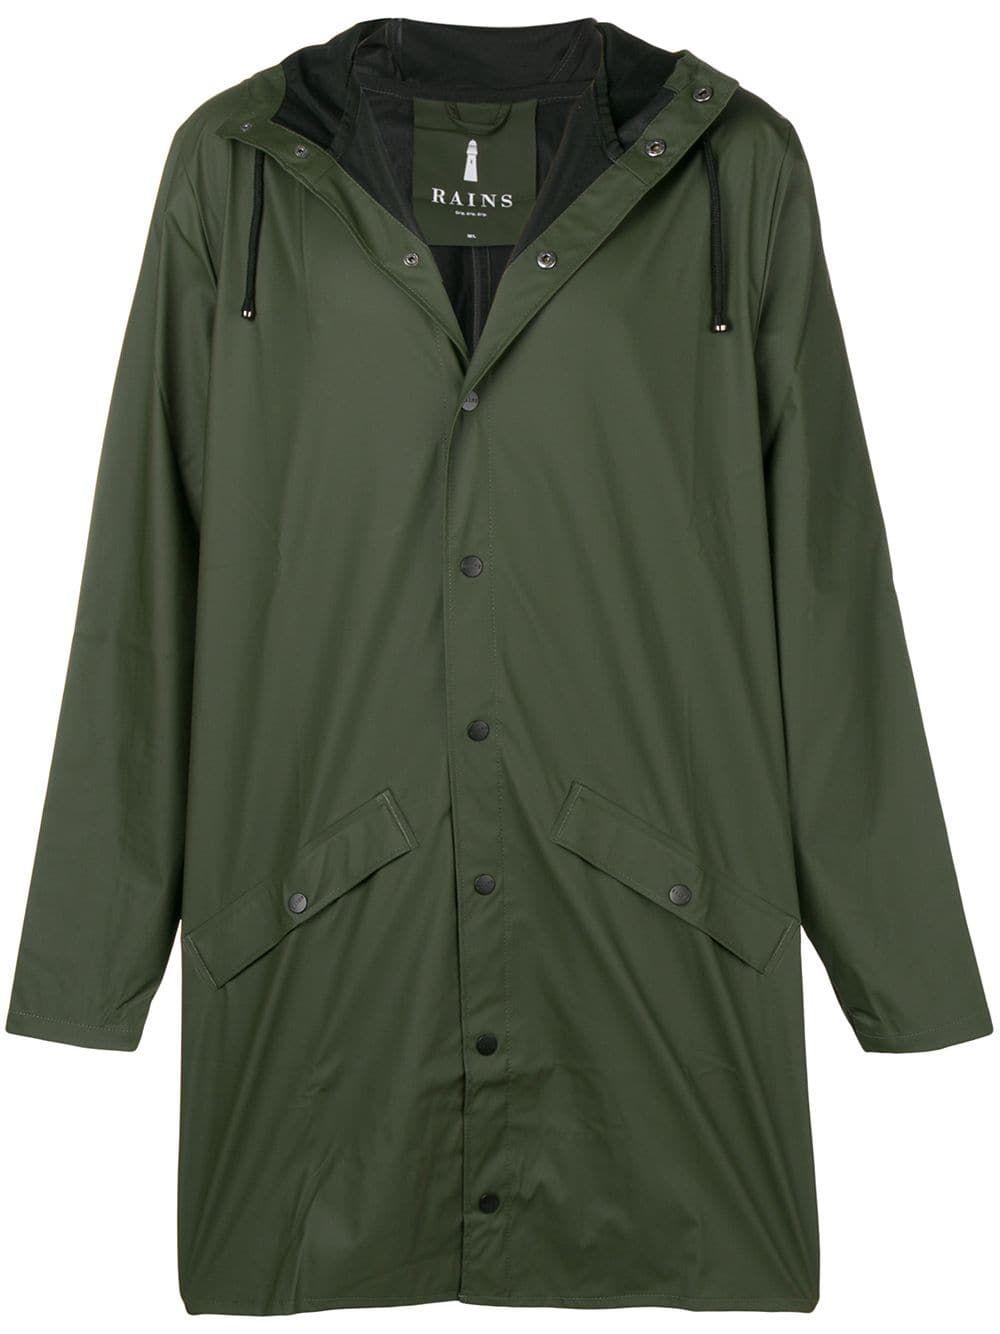 Regenjacke RAINS Jacket Dusty Mint